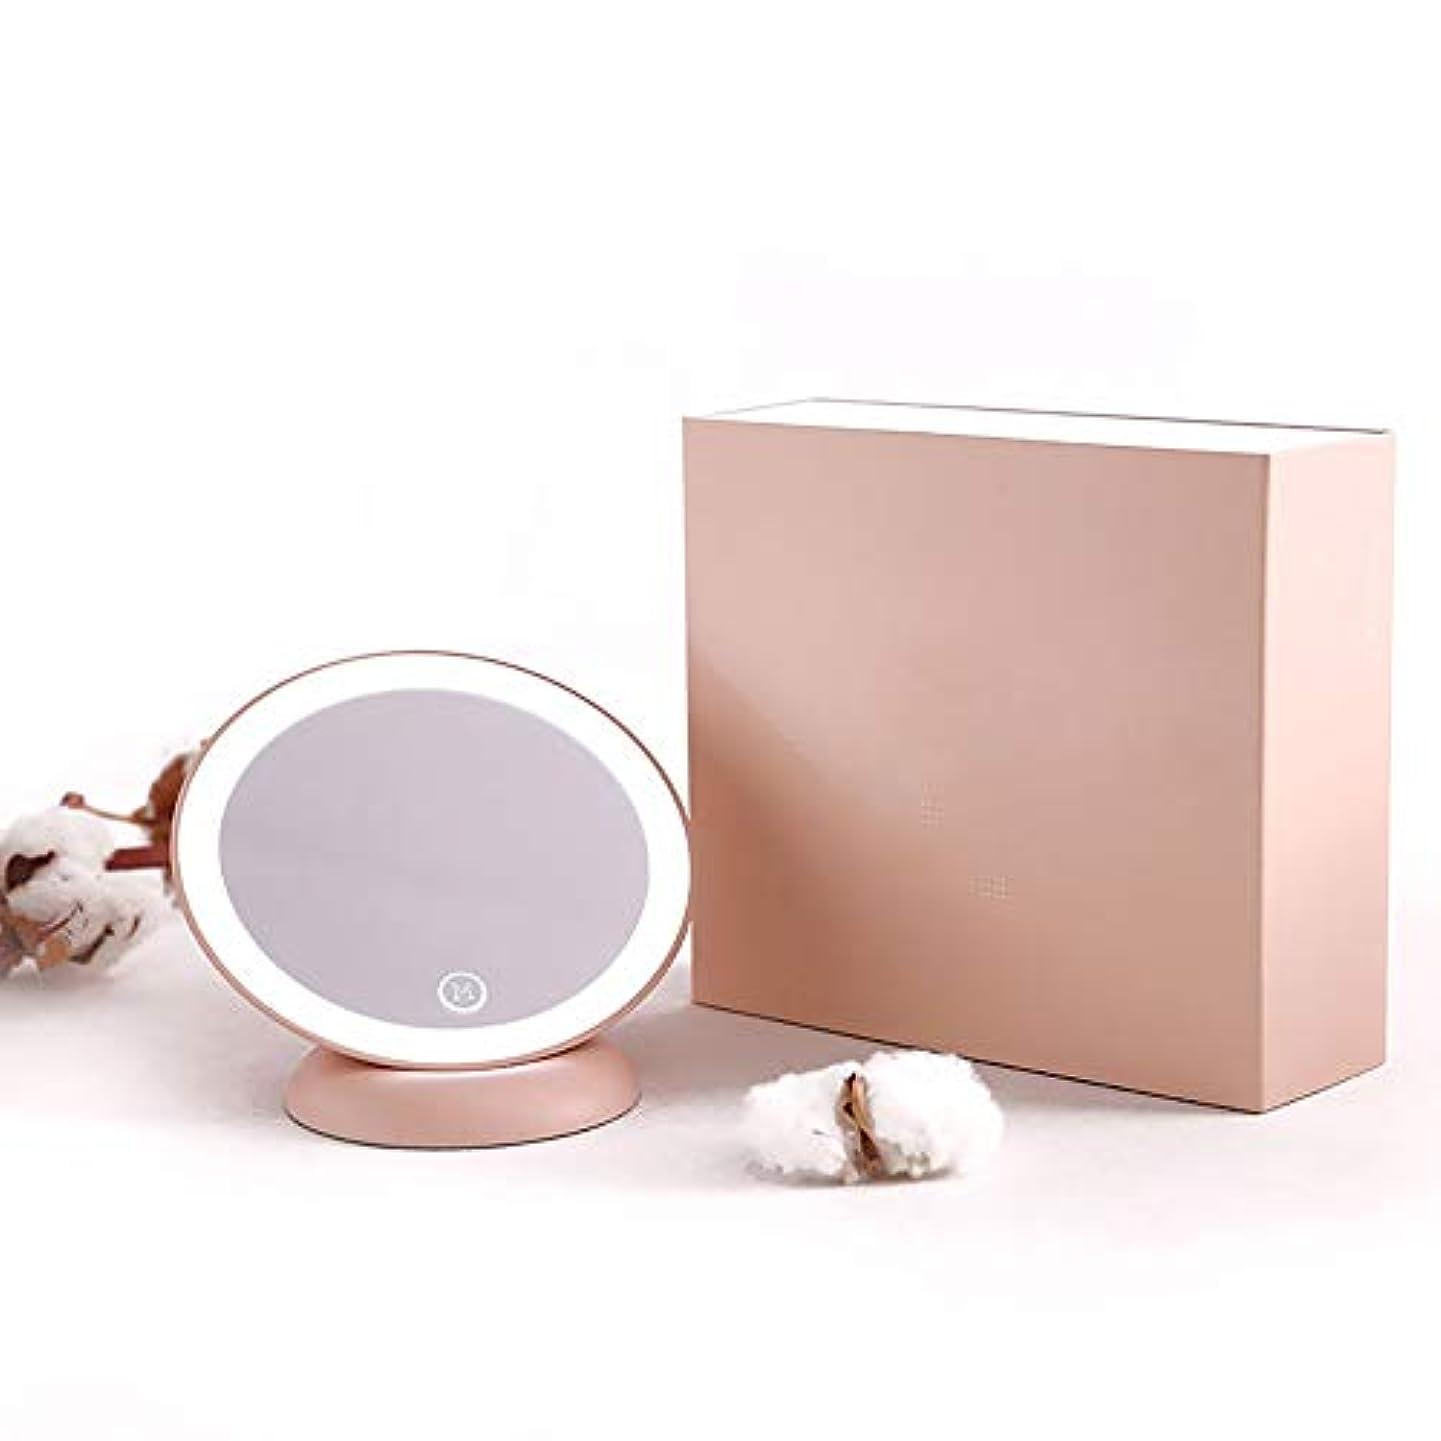 雇用インフルエンザキャプション流行の 磁石を運ぶ創造的なライト360度回転ピンク1200mAh化粧鏡